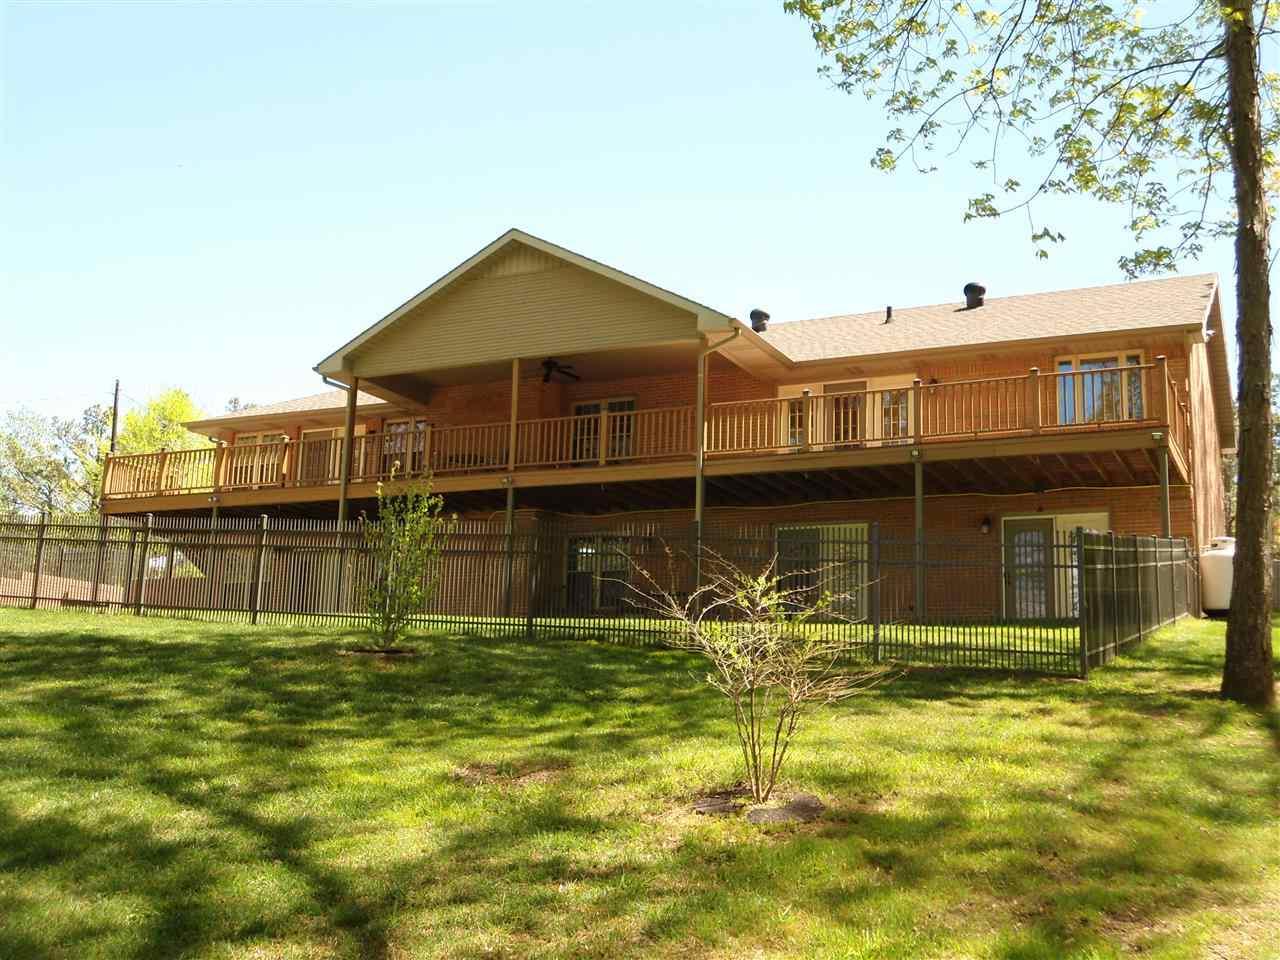 Real Estate for Sale, ListingId: 27864065, Gilbertsville,KY42044